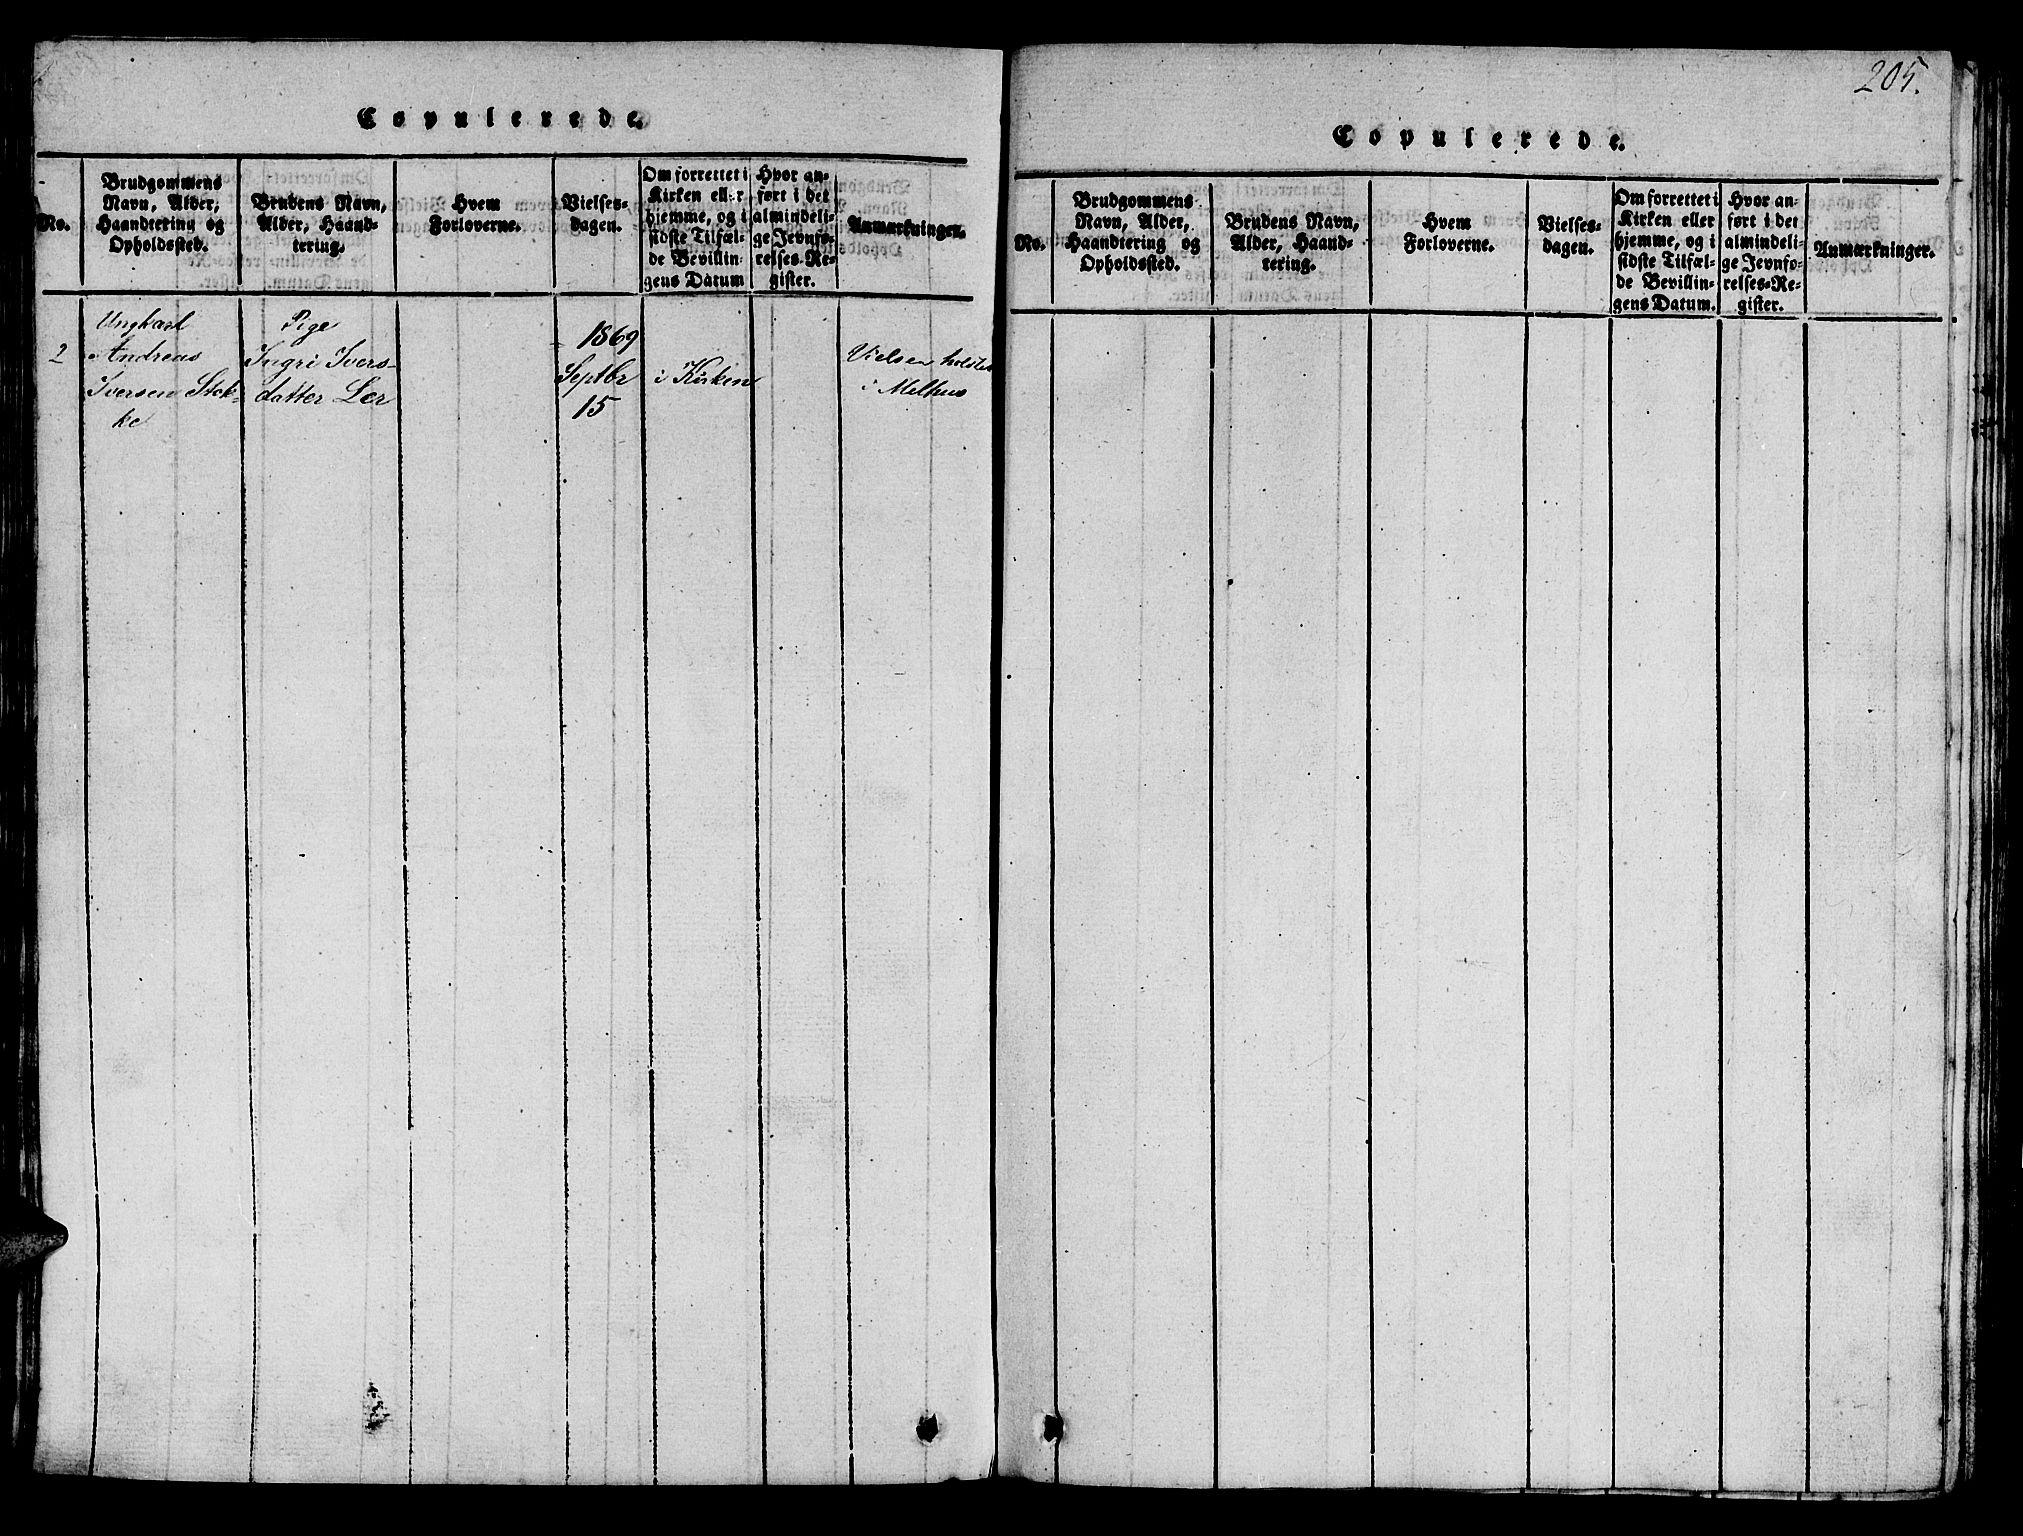 SAT, Ministerialprotokoller, klokkerbøker og fødselsregistre - Sør-Trøndelag, 693/L1121: Klokkerbok nr. 693C02, 1816-1869, s. 205